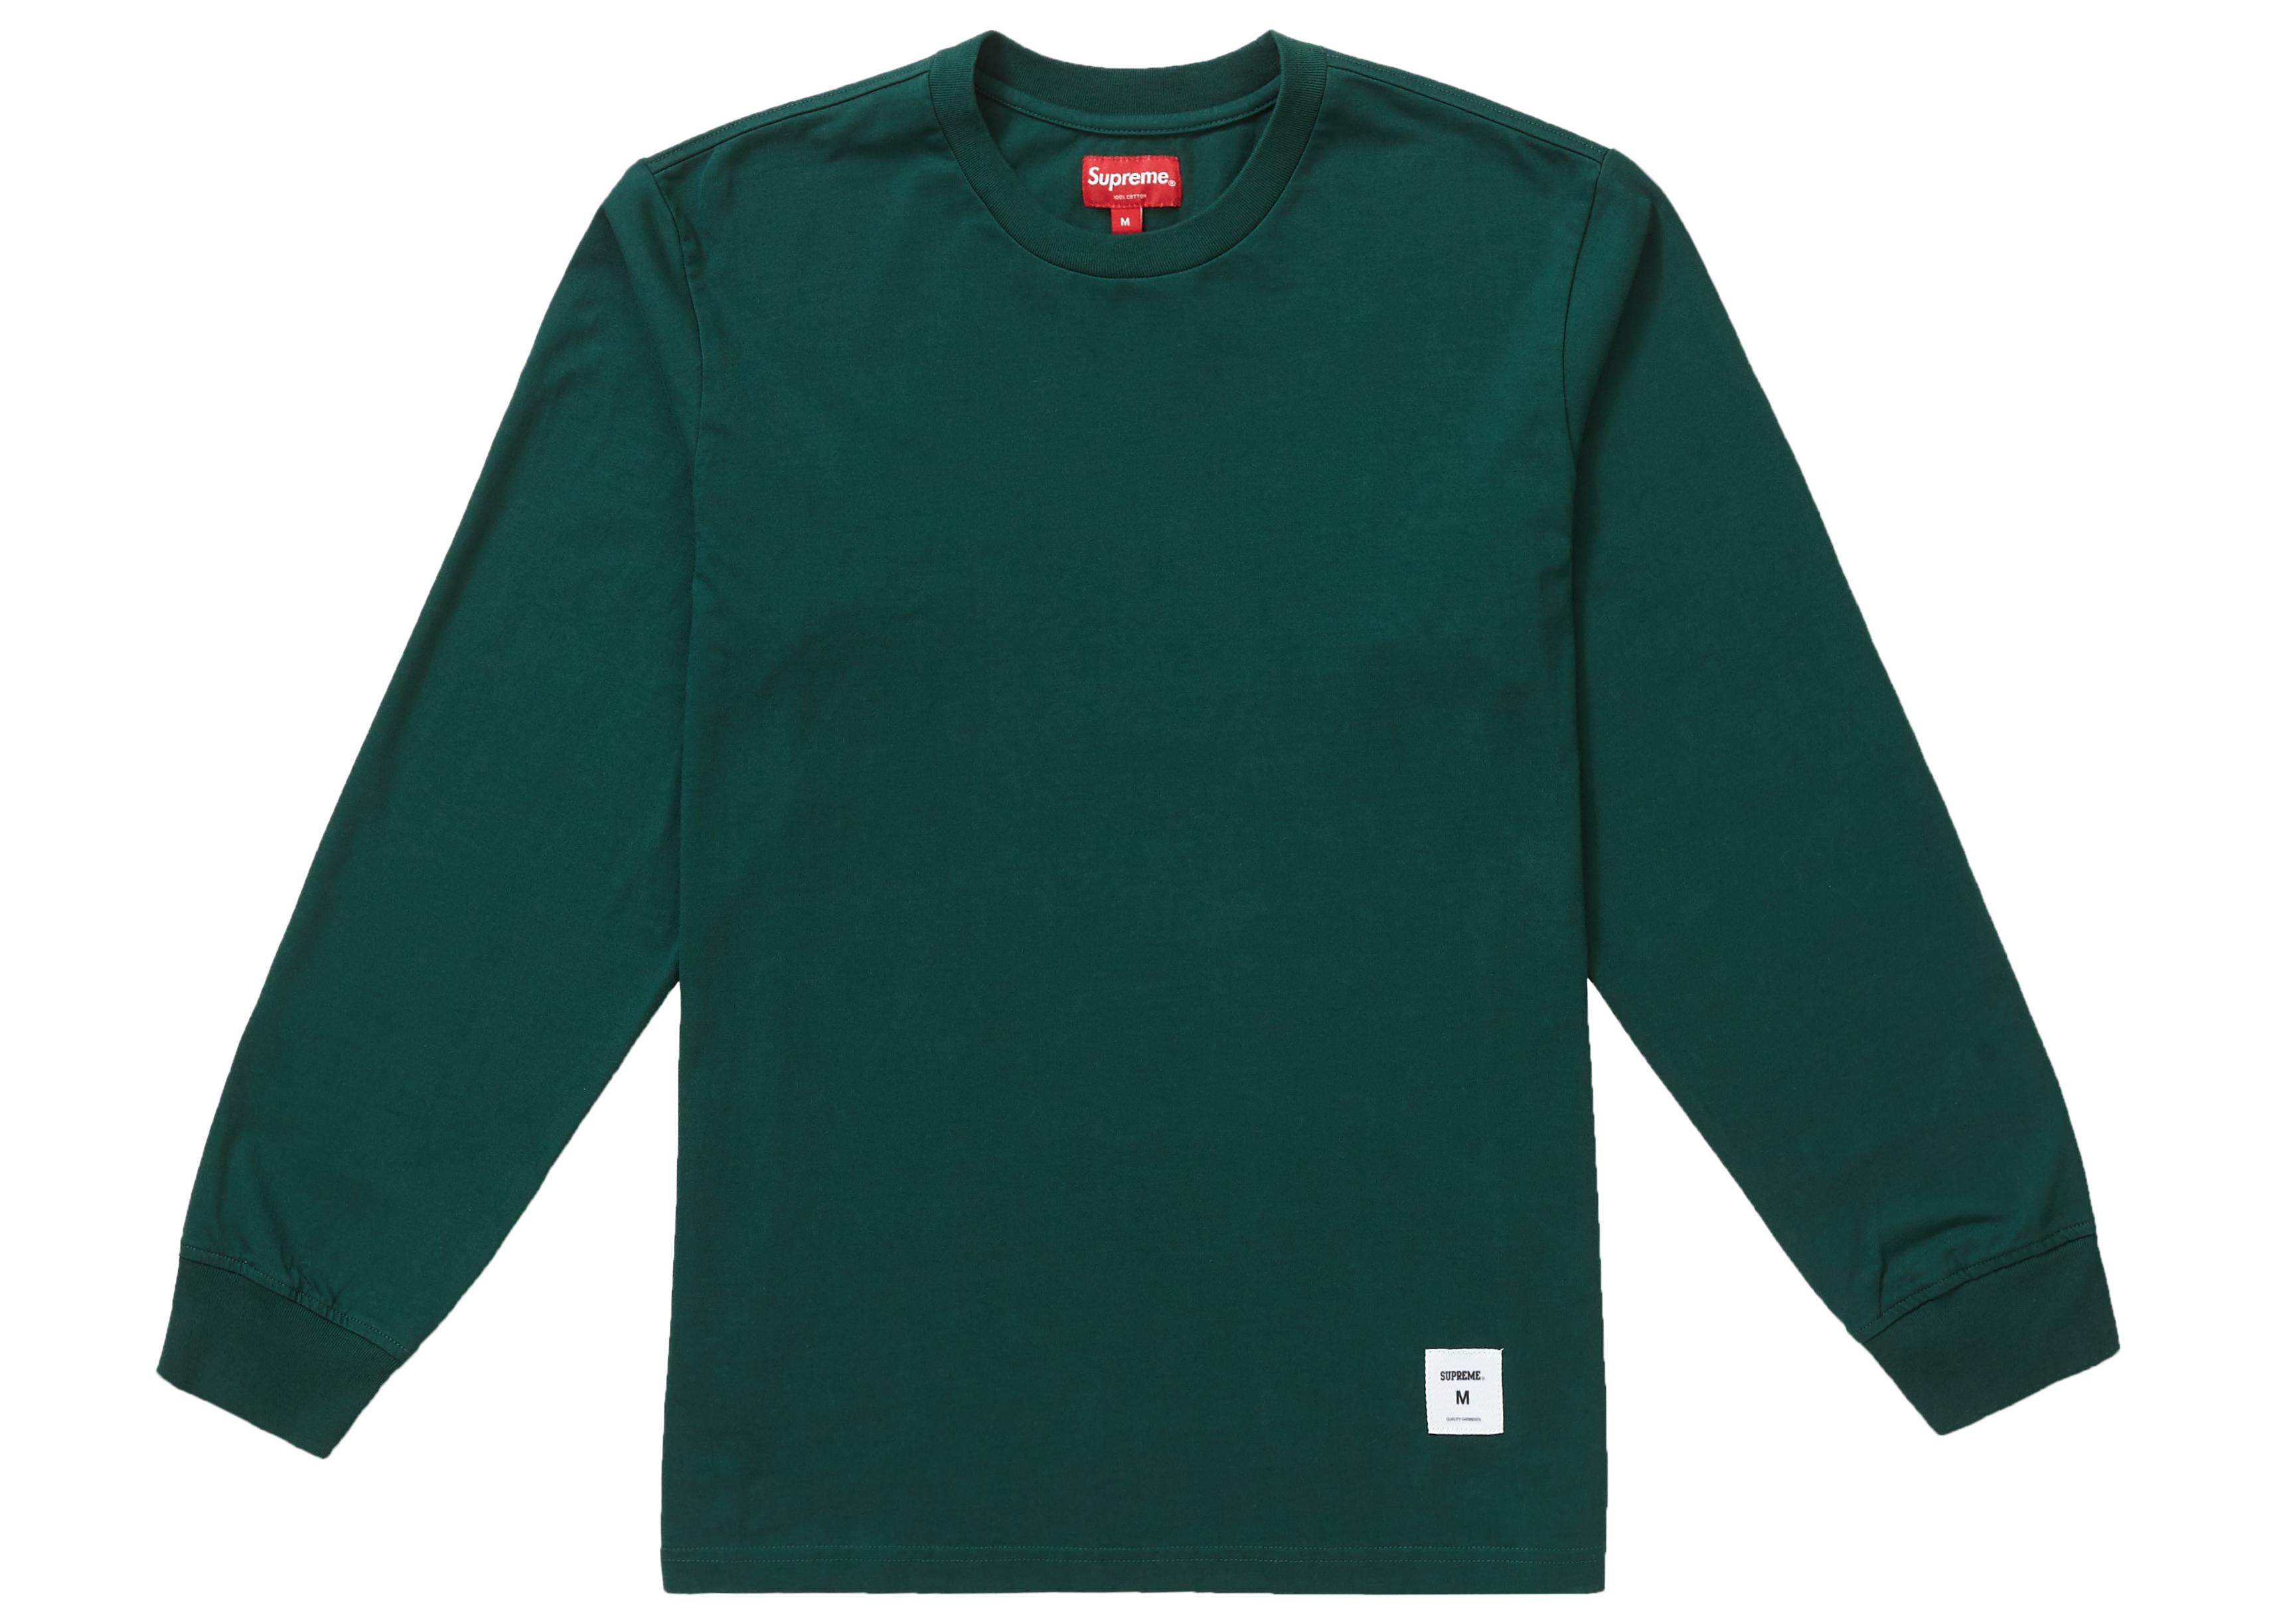 Supreme Trademark L/S Top Dark Green